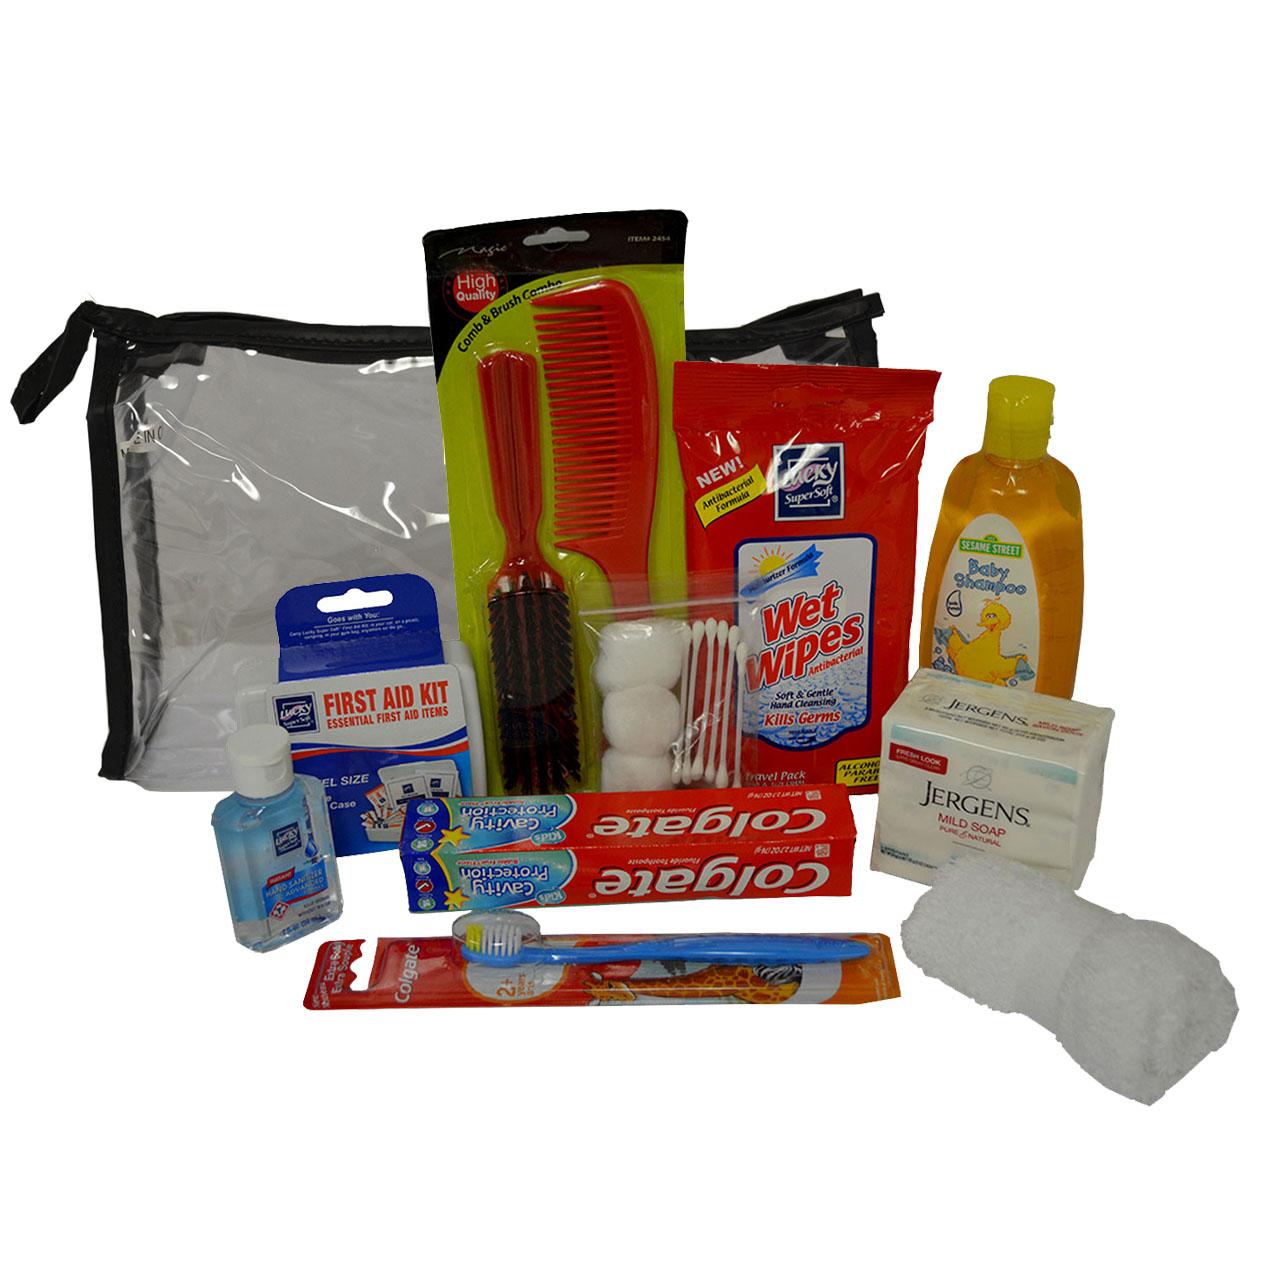 Deluxe Kids Personal Hygiene Kit 003 Kck008